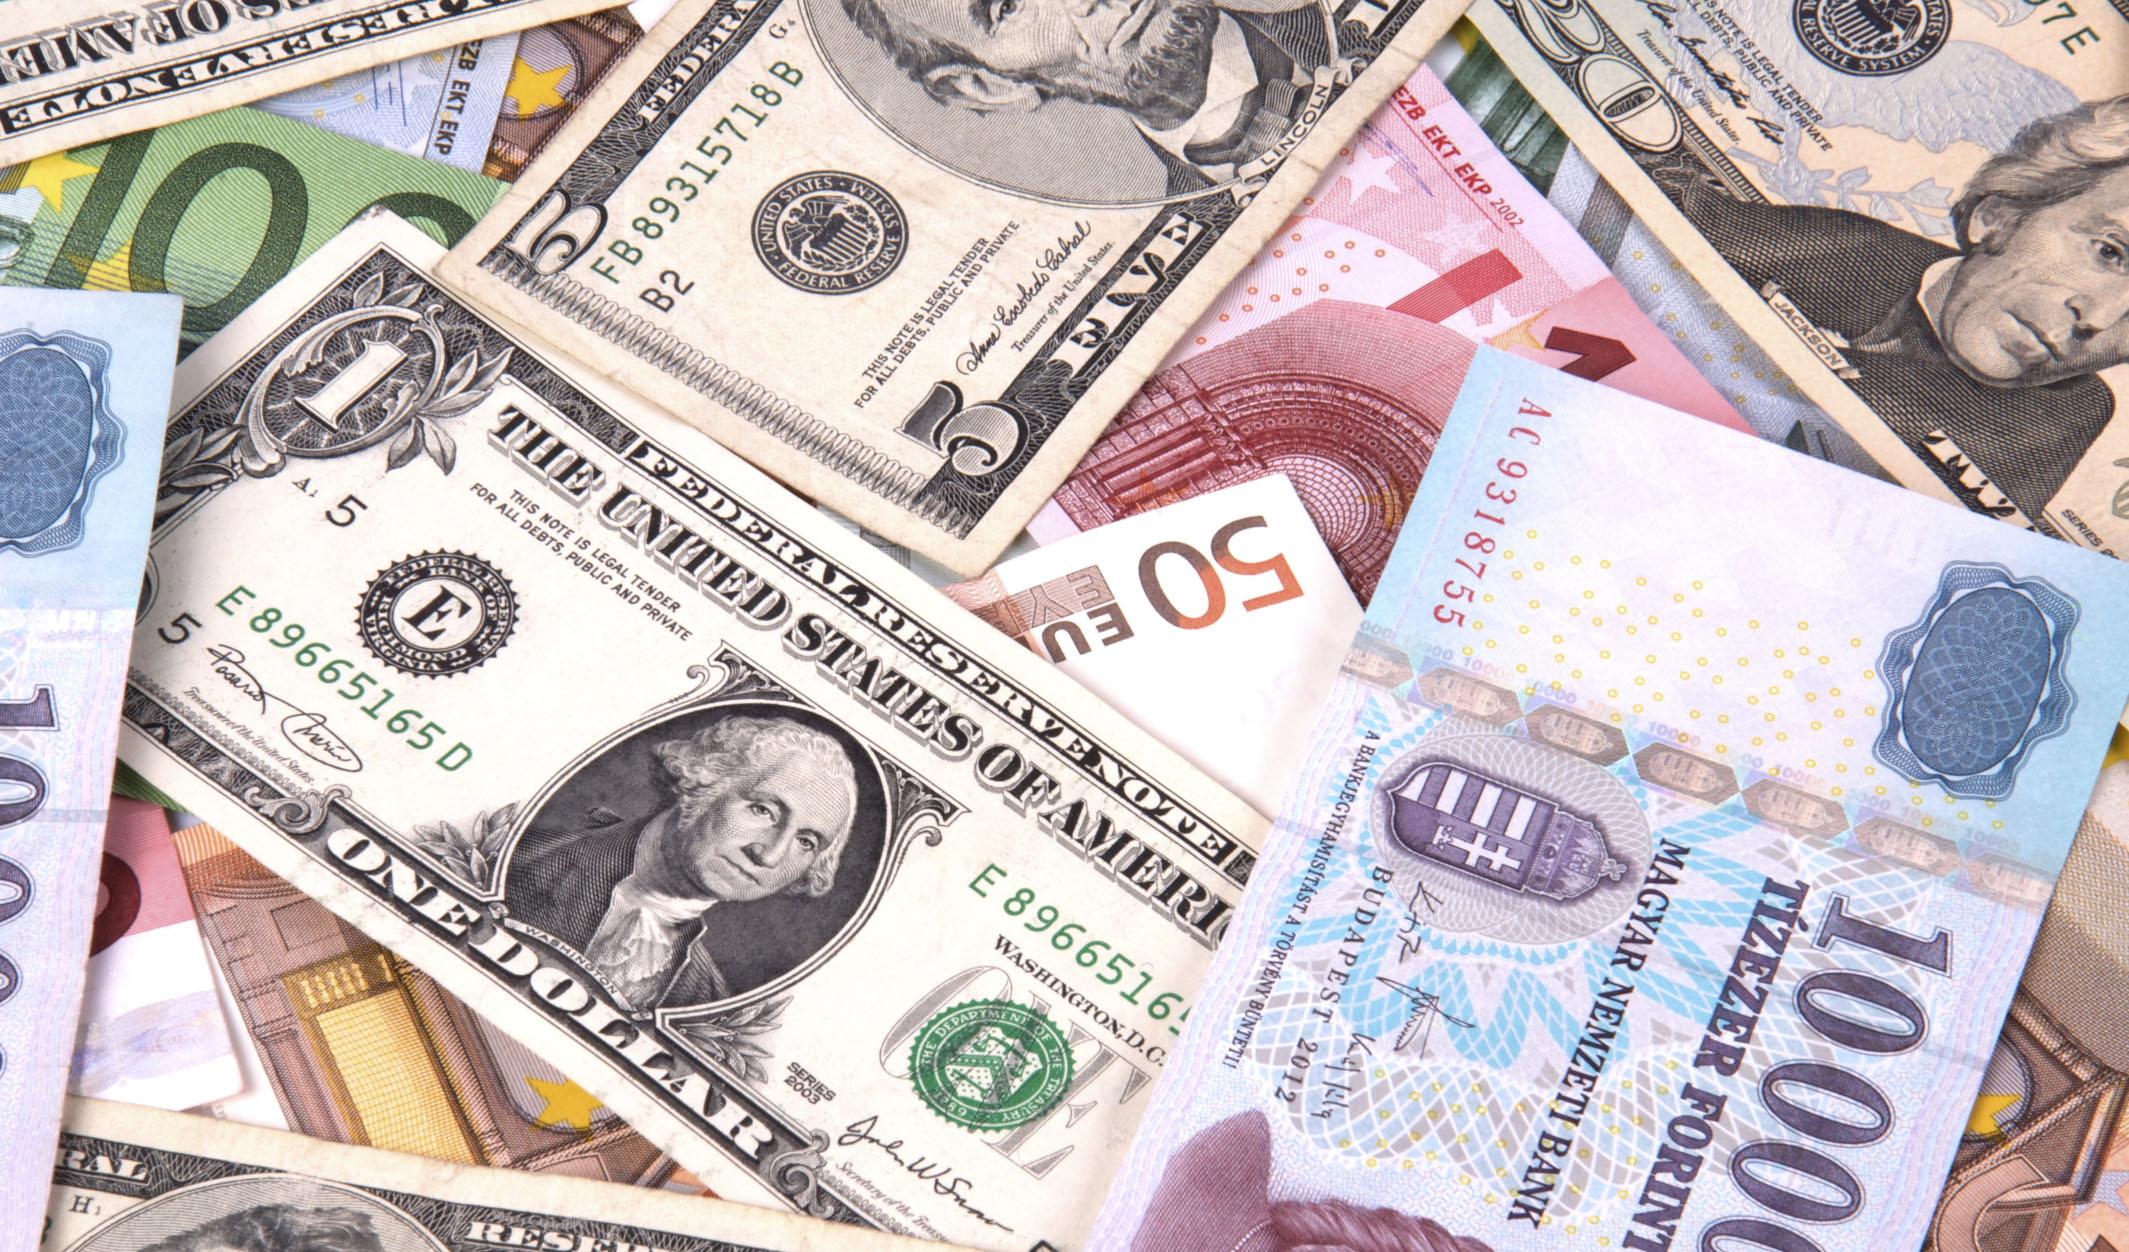 دلار از کف قیمت جدا شد